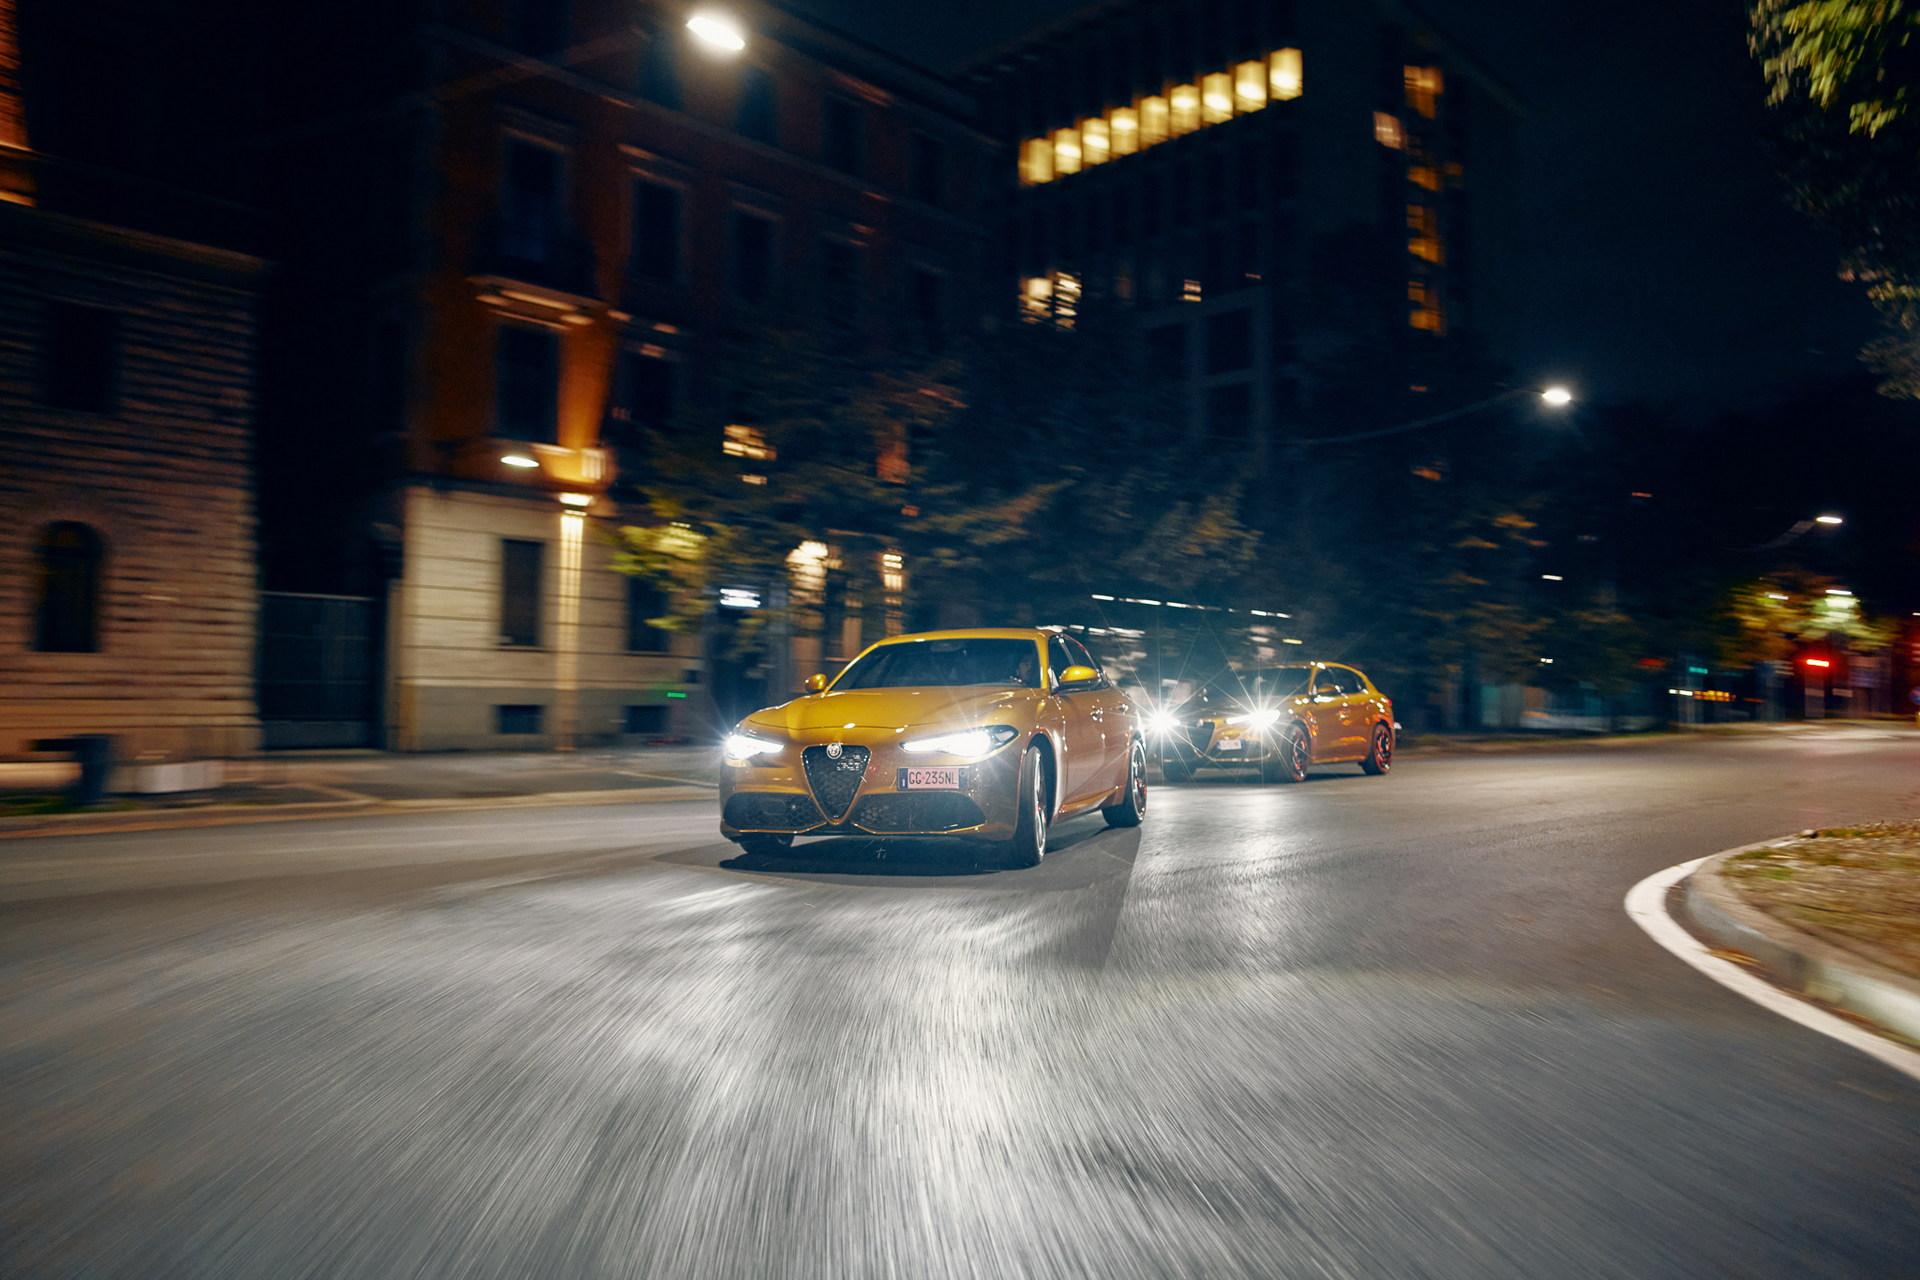 加入全新配色 阿尔法·罗密欧2款特别版车型官图